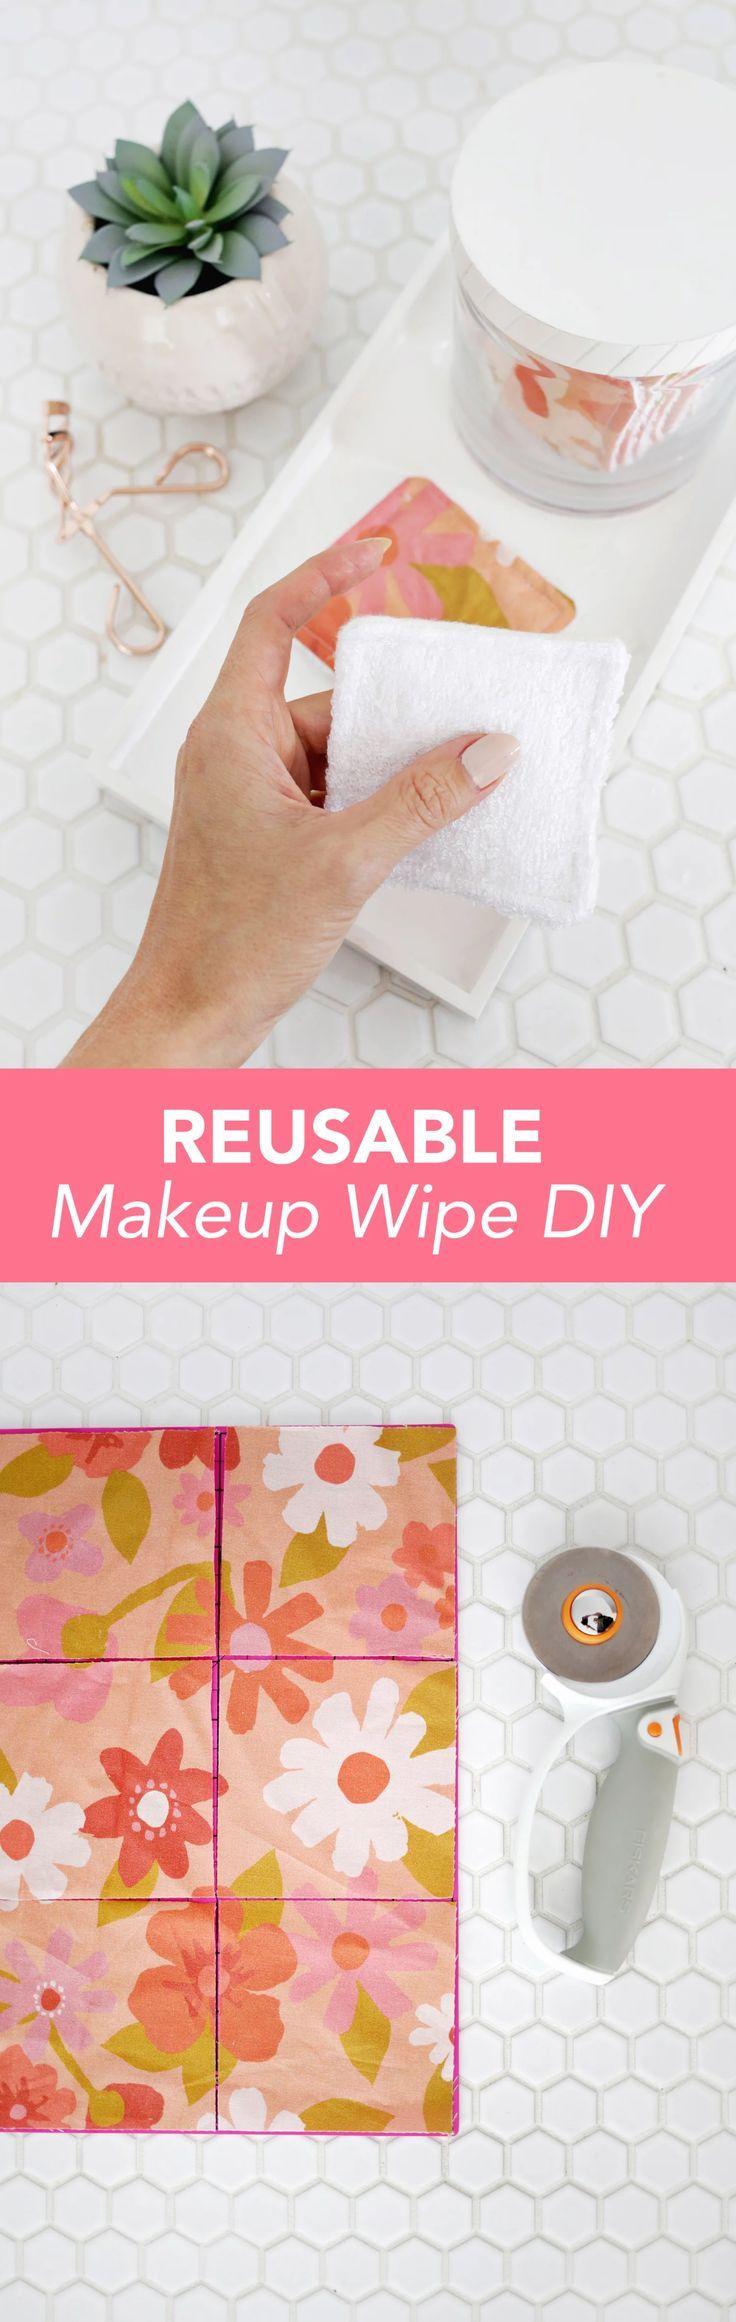 Reusable Makeup Wipe DIY Wipes diy, Diy makeup wipes